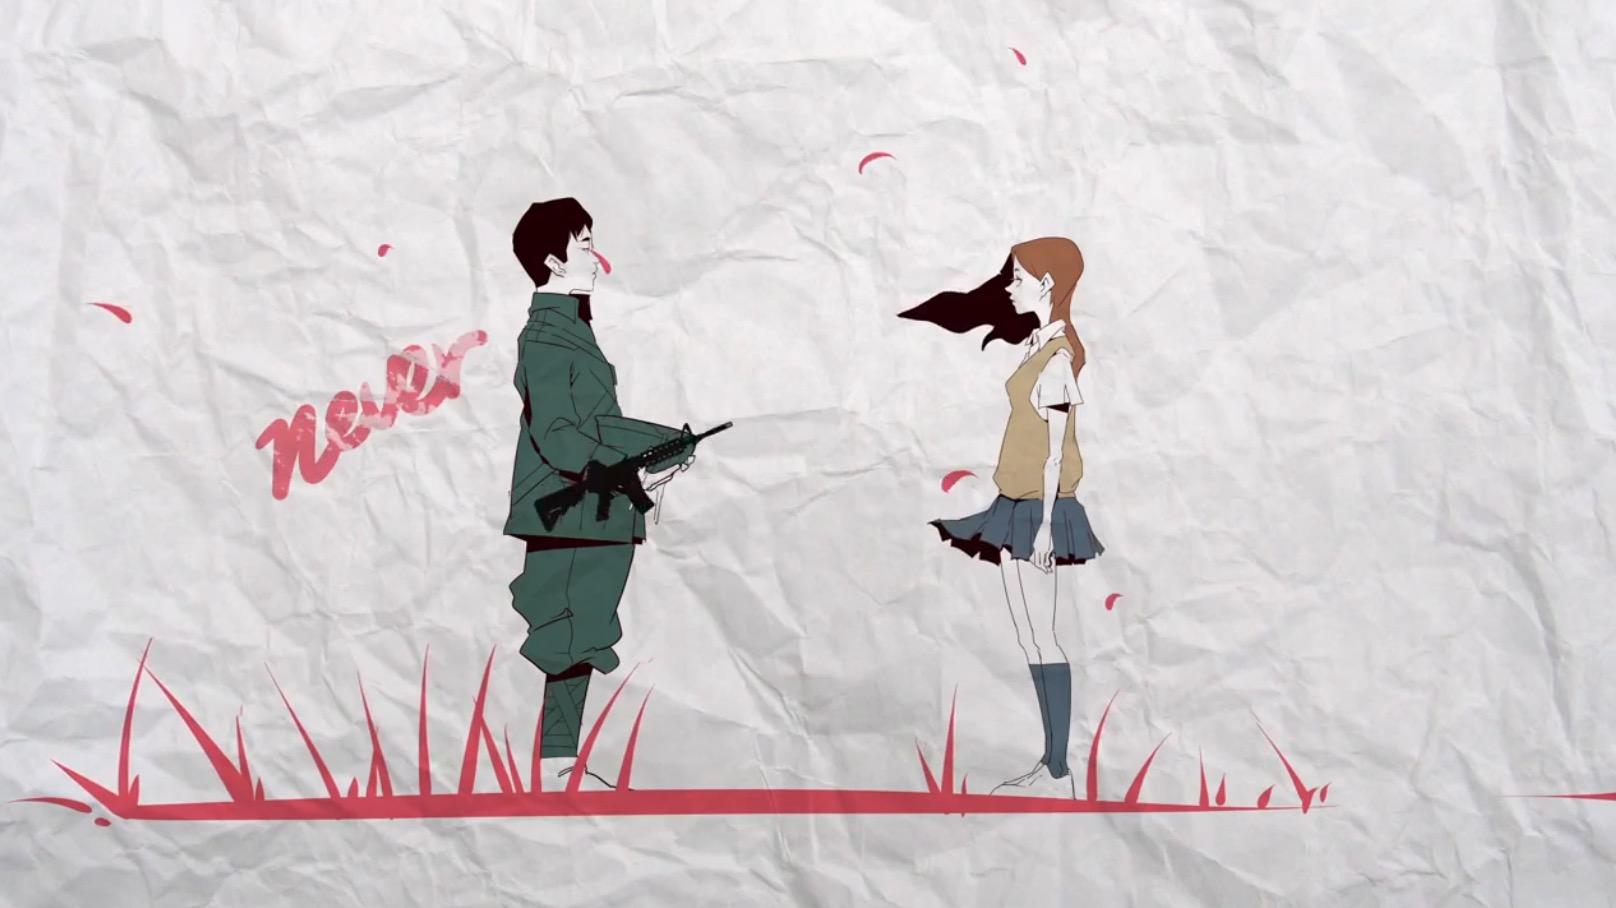 「戦争のつくりかた」日本のアーティスト達によるコラボアニメーション。